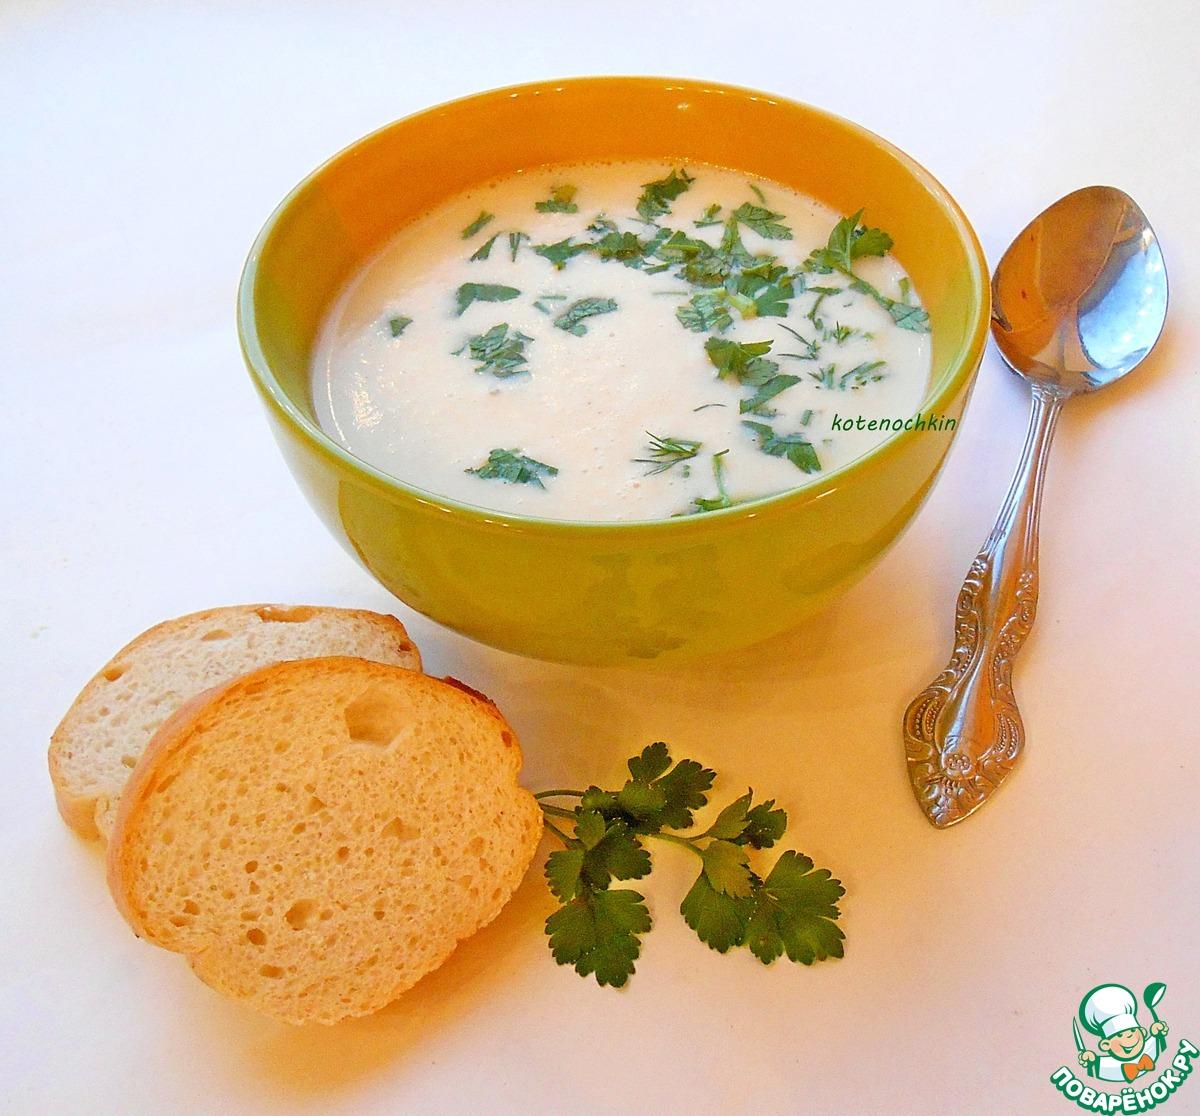 Суп пюре с шампиньонами и плавленным сыром рецепт пошагово в